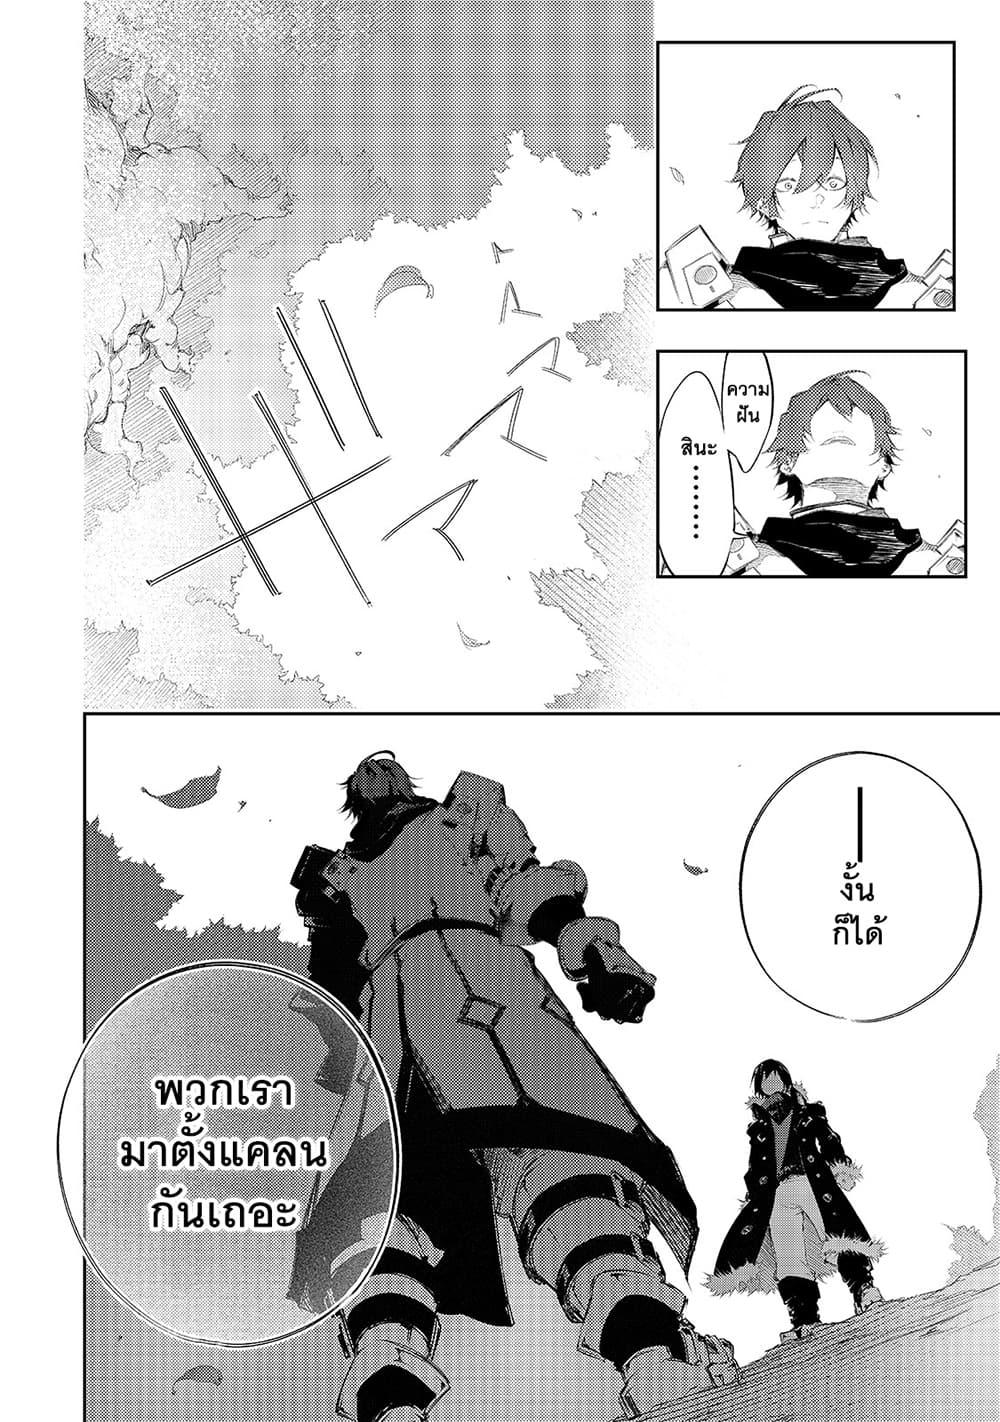 อ่านการ์ตูน Saikyou no Shien-shoku Wajutsushi Dearu Ore wa Sekai Saikyou Kuran o Shitagaeru ตอนที่ 4 หน้าที่ 16